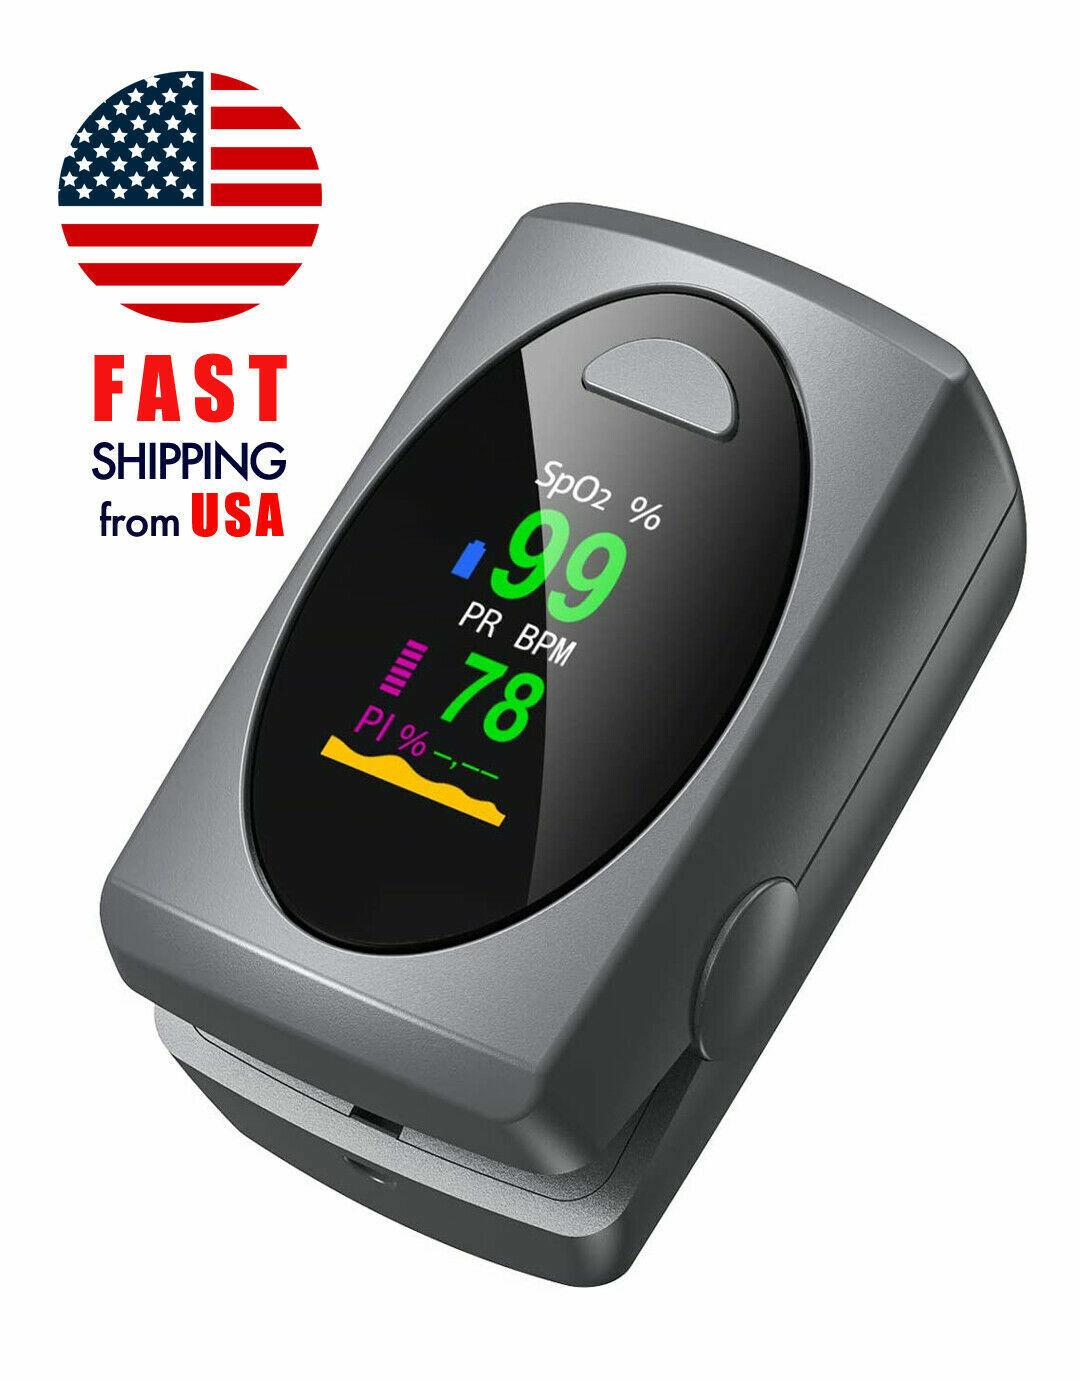 OLED Finger Pulse Oximeter Blood Oxygen Meter SpO2 PR PI FDA